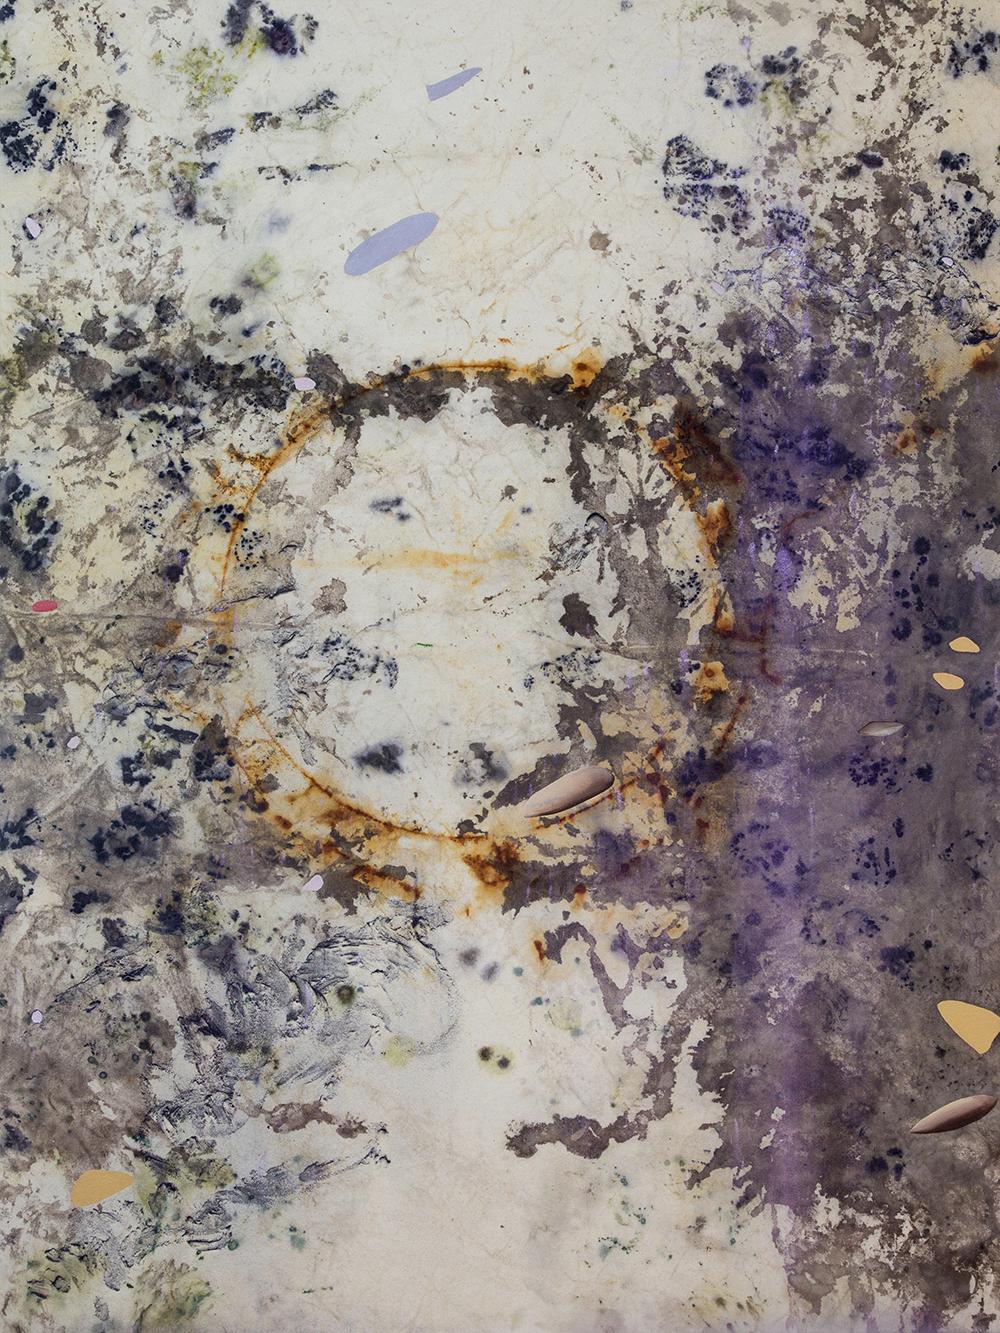 """Gillian King,  Moon Marrow,  2019, médium à cire froide, fil de coton, huile, pigments bruts, sédiments de rouille et divers matériaux végétaux sur toile, 122 x 91 cm (48"""" x 36"""")"""